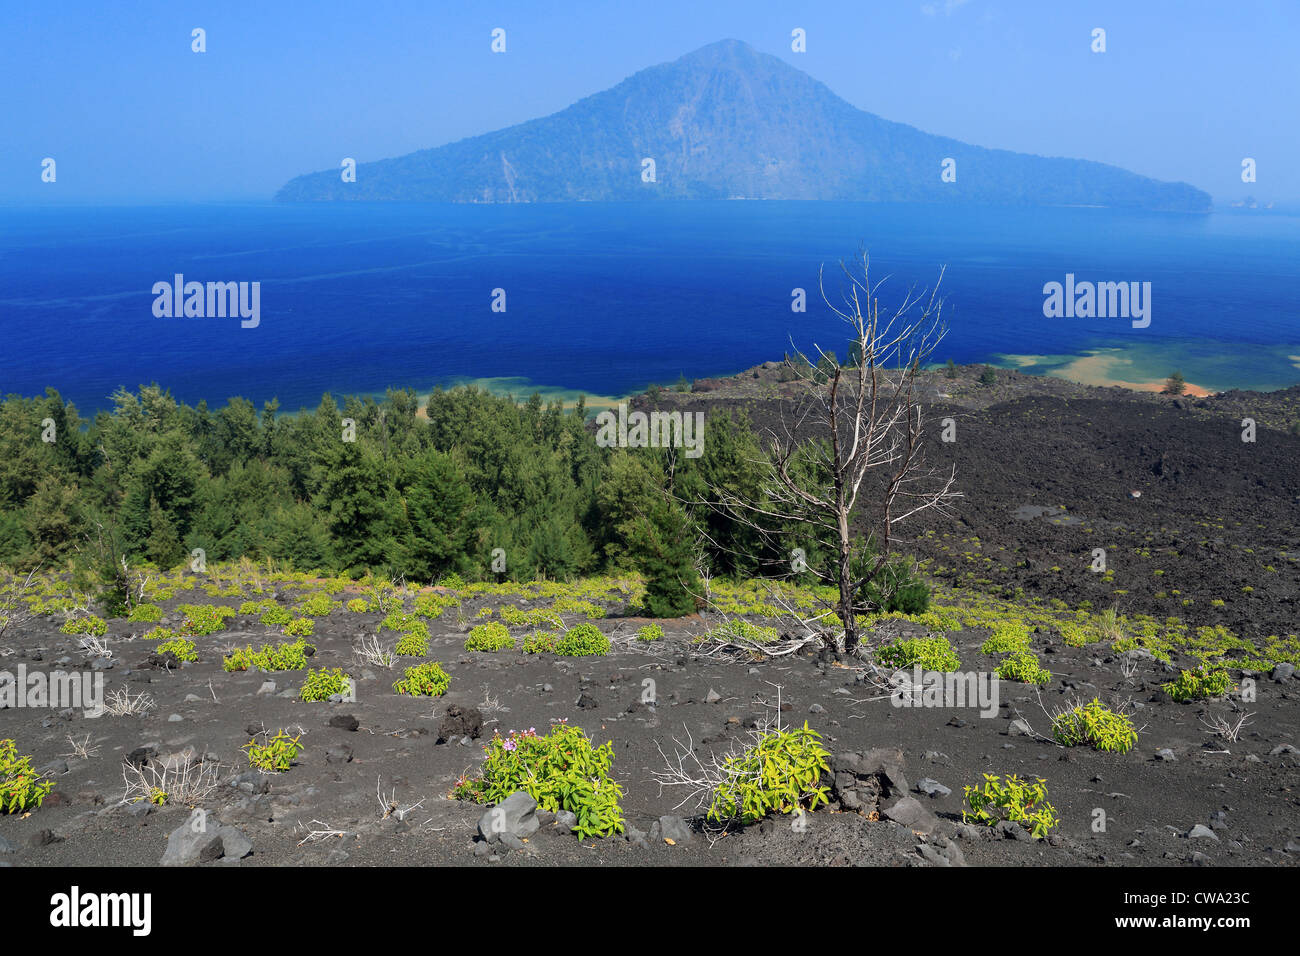 View from Krakatoa (Krakatau) volcano looking towards Rakata Island in the Sunda Strait. - Stock Image